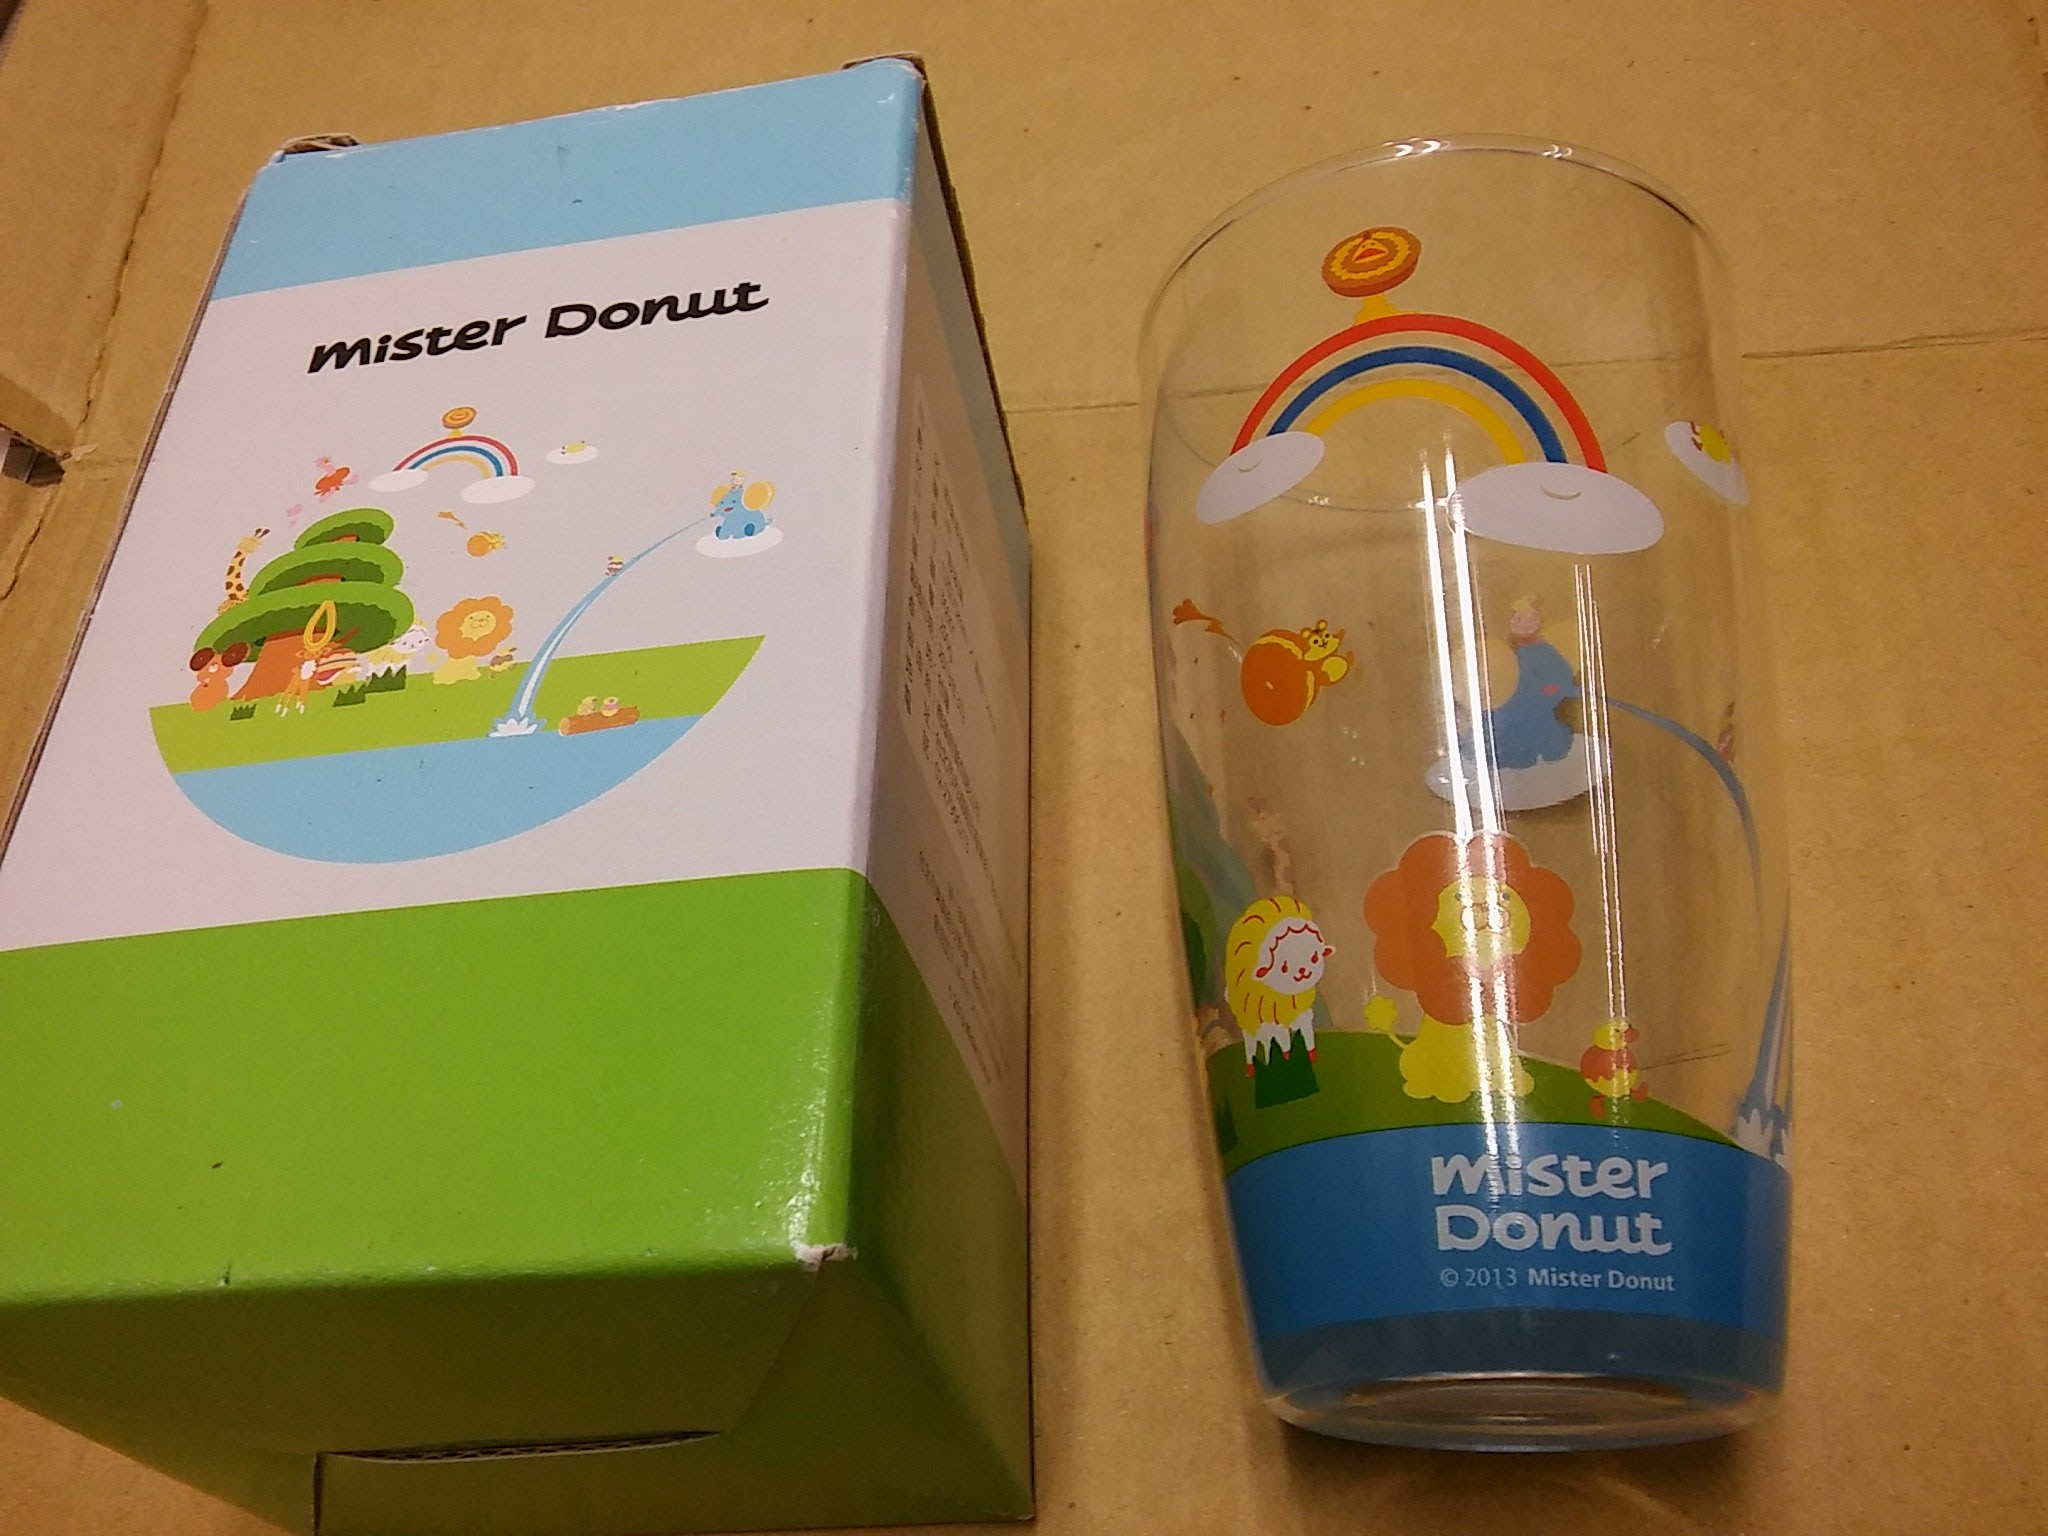 [KW18] (全新未使用) Mister Donut 多拿滋甜甜圈/2013歡樂玻璃水杯